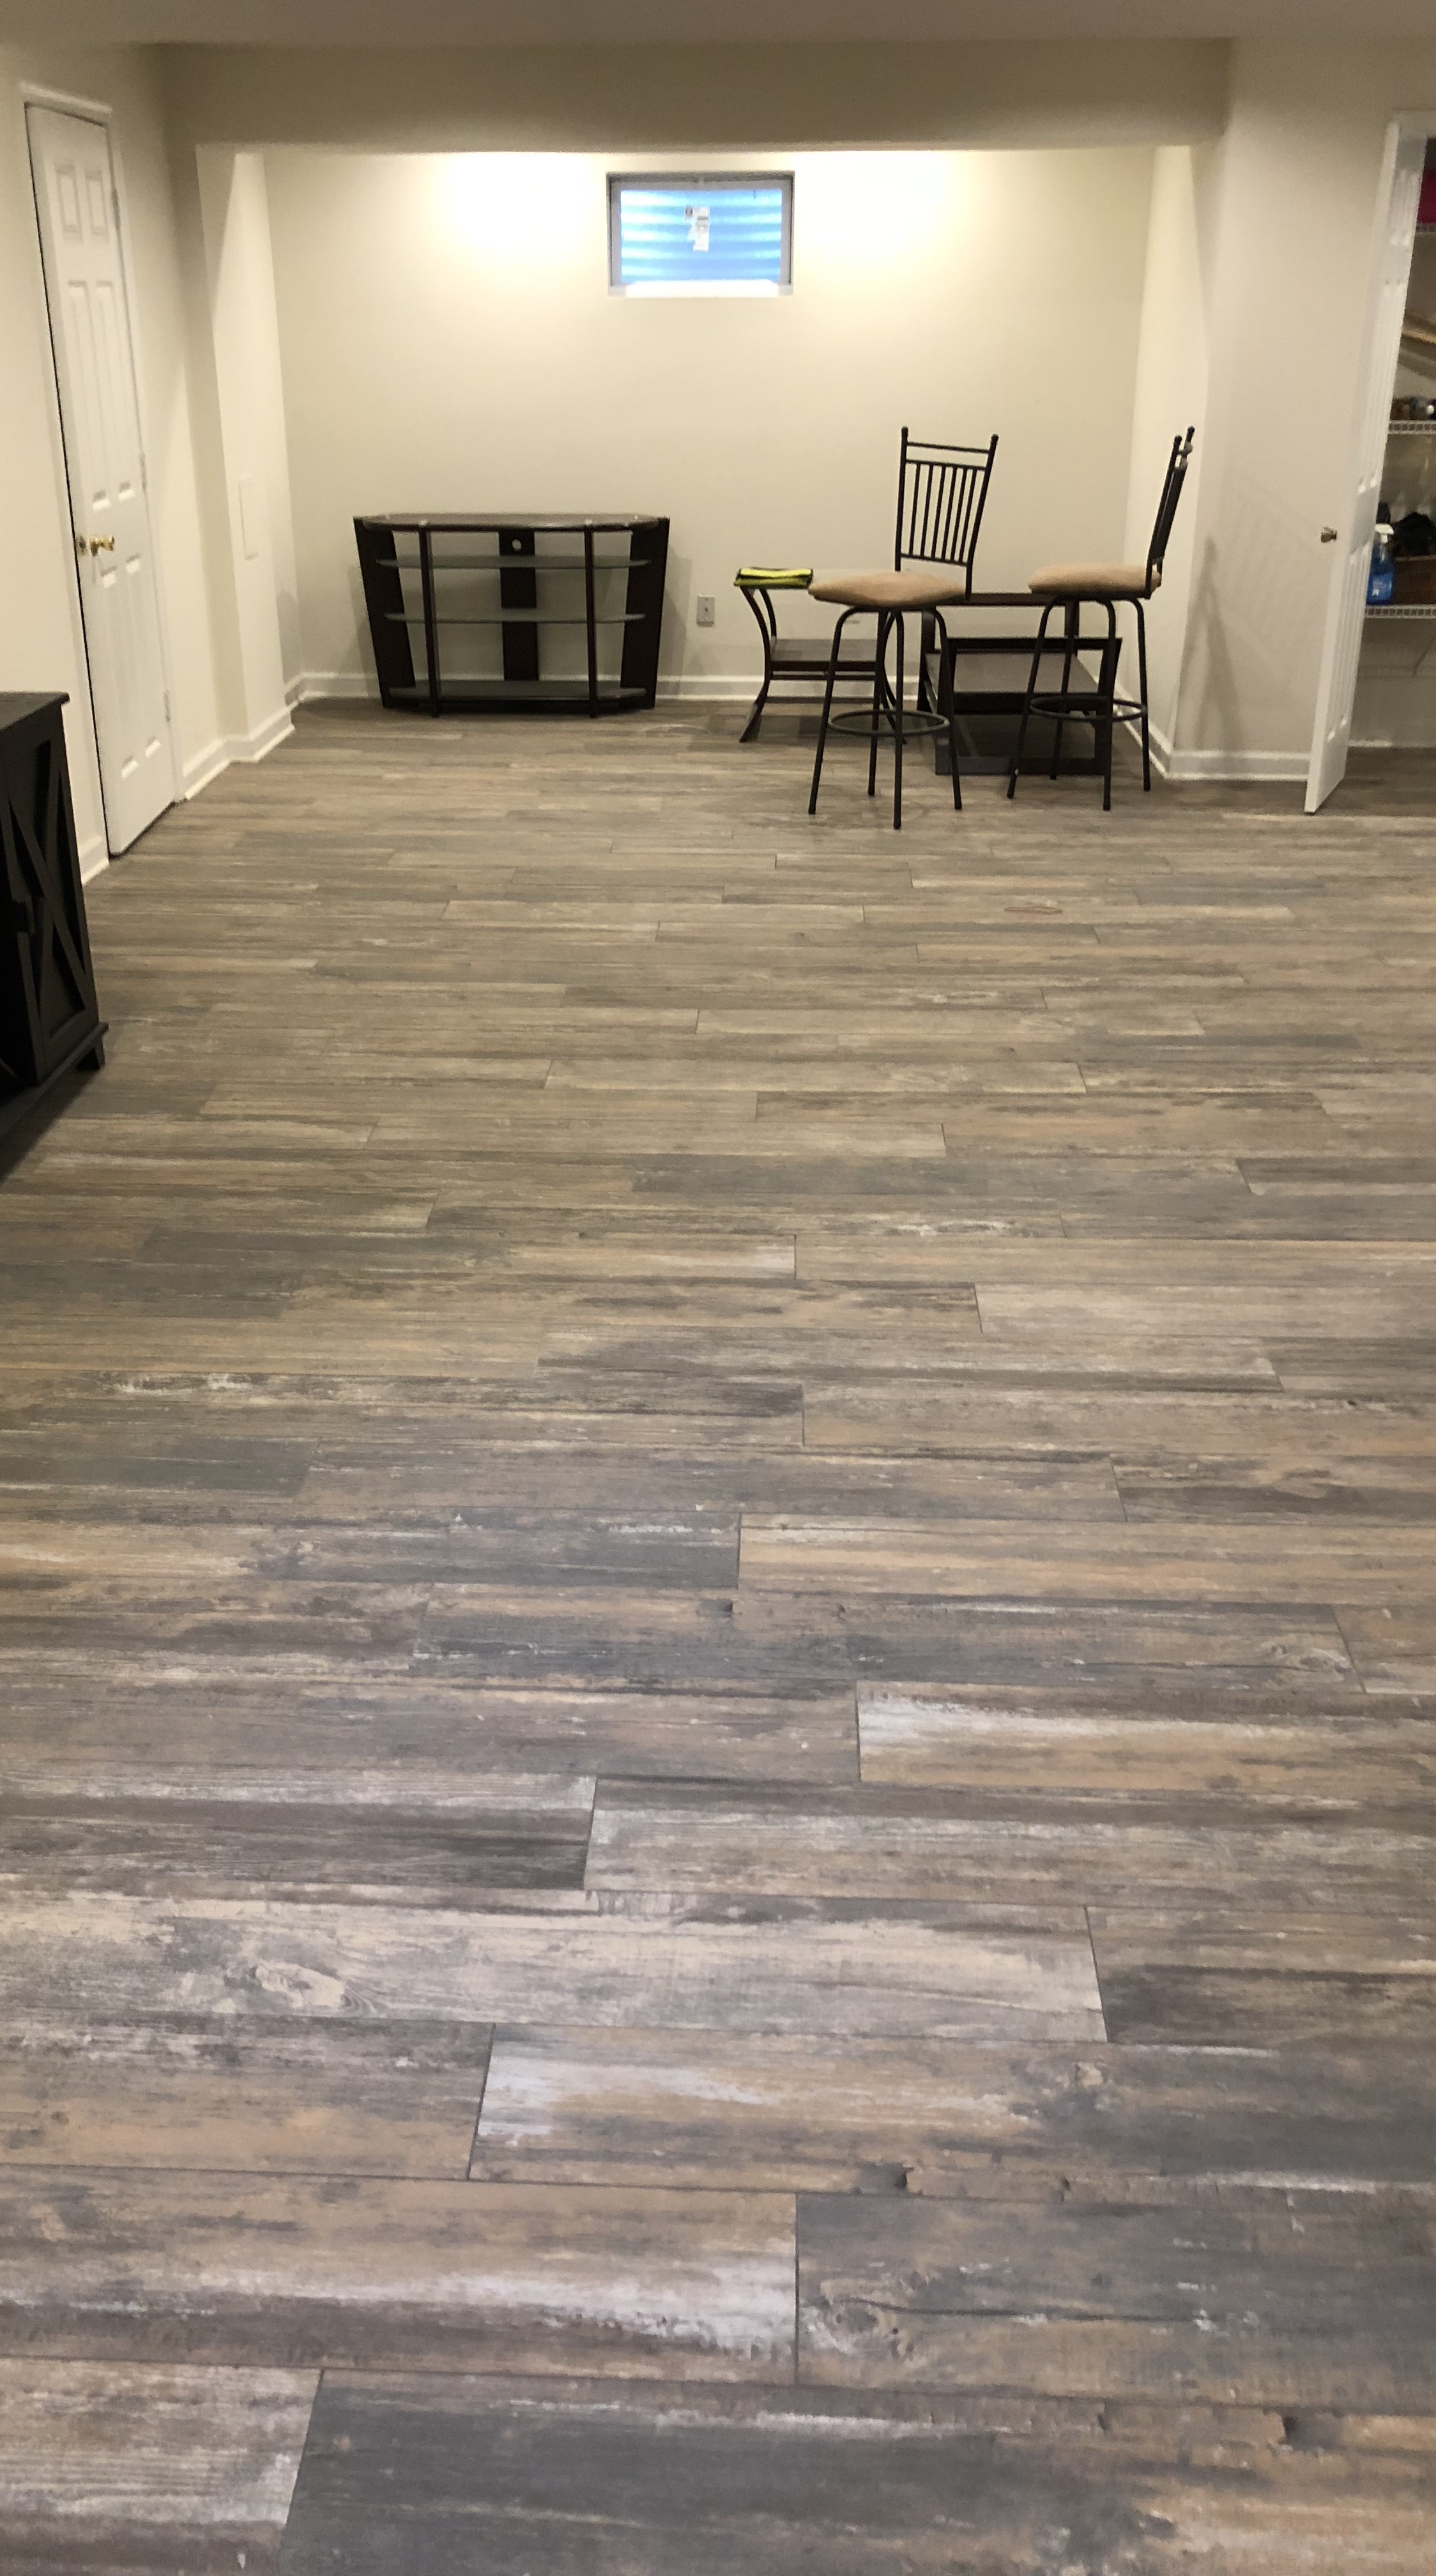 chantilly hart run fairfax basement tile flooring after.JPG